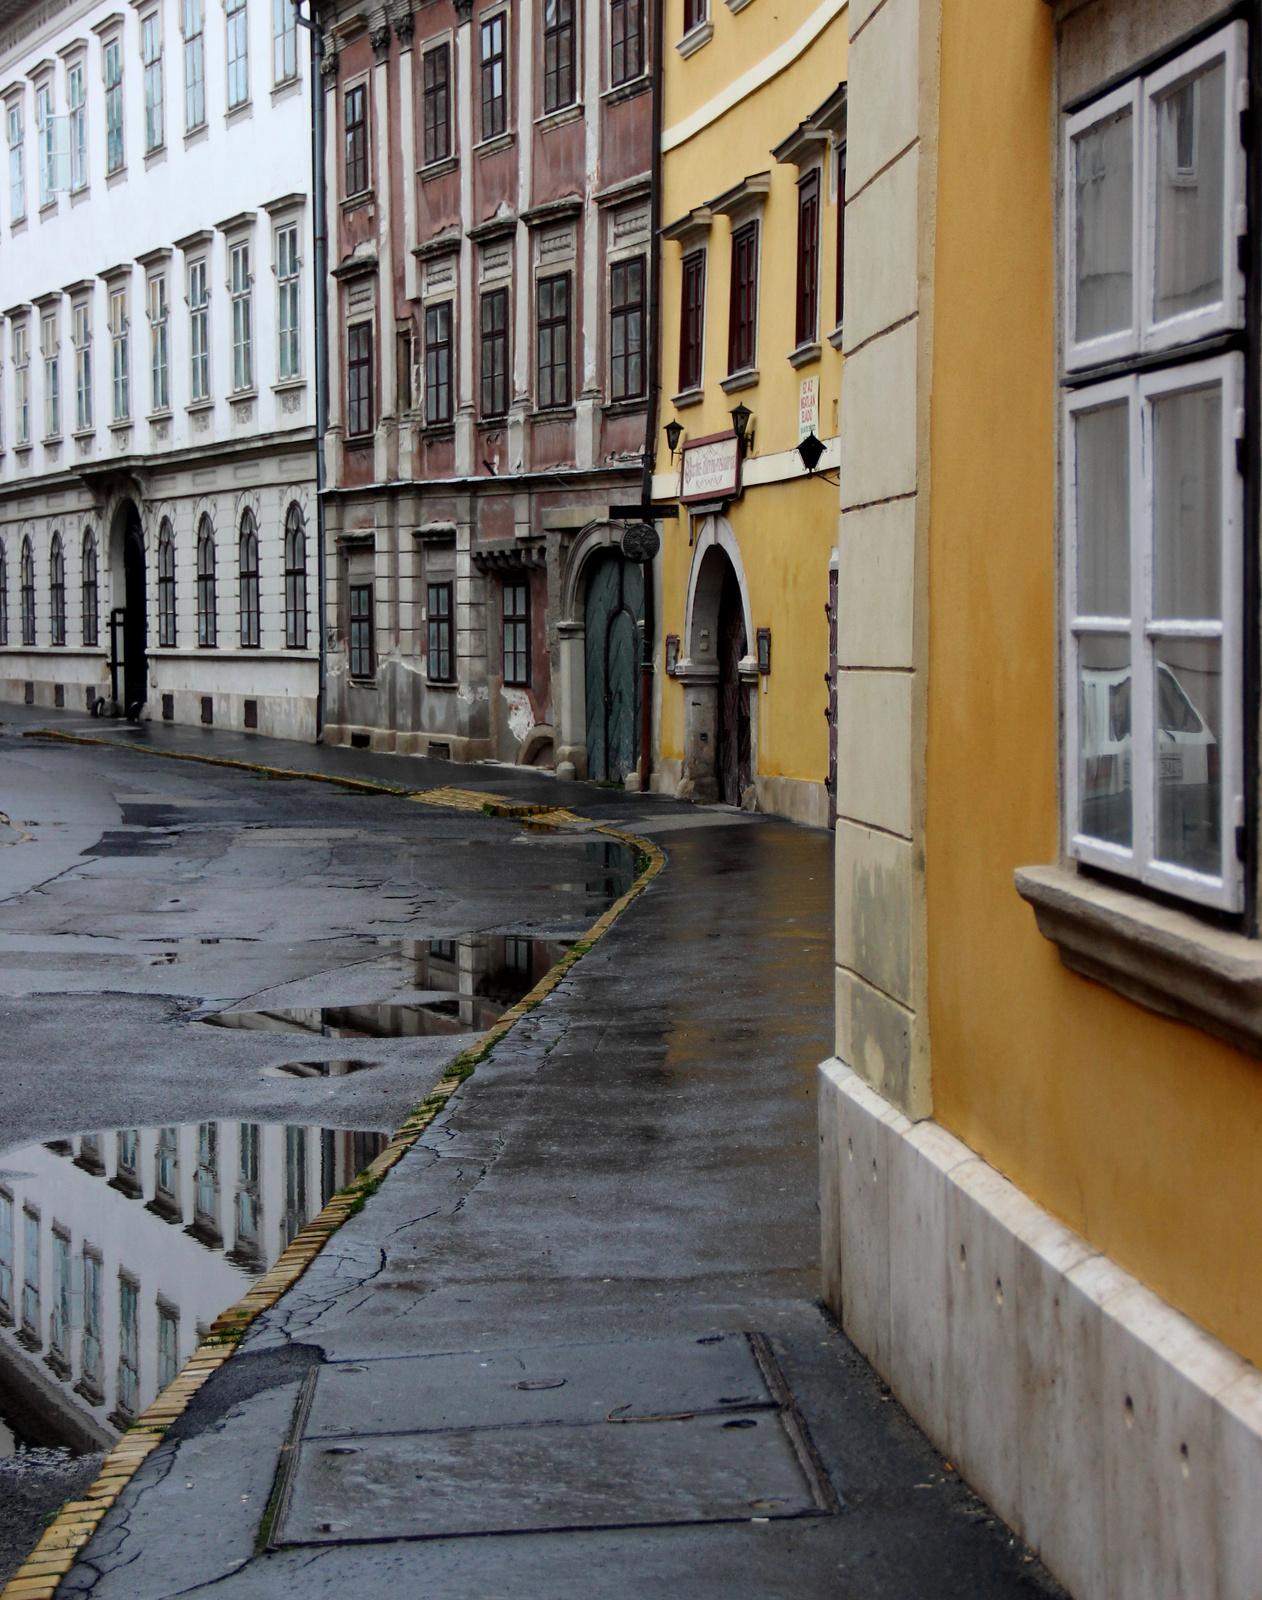 Soproni utca